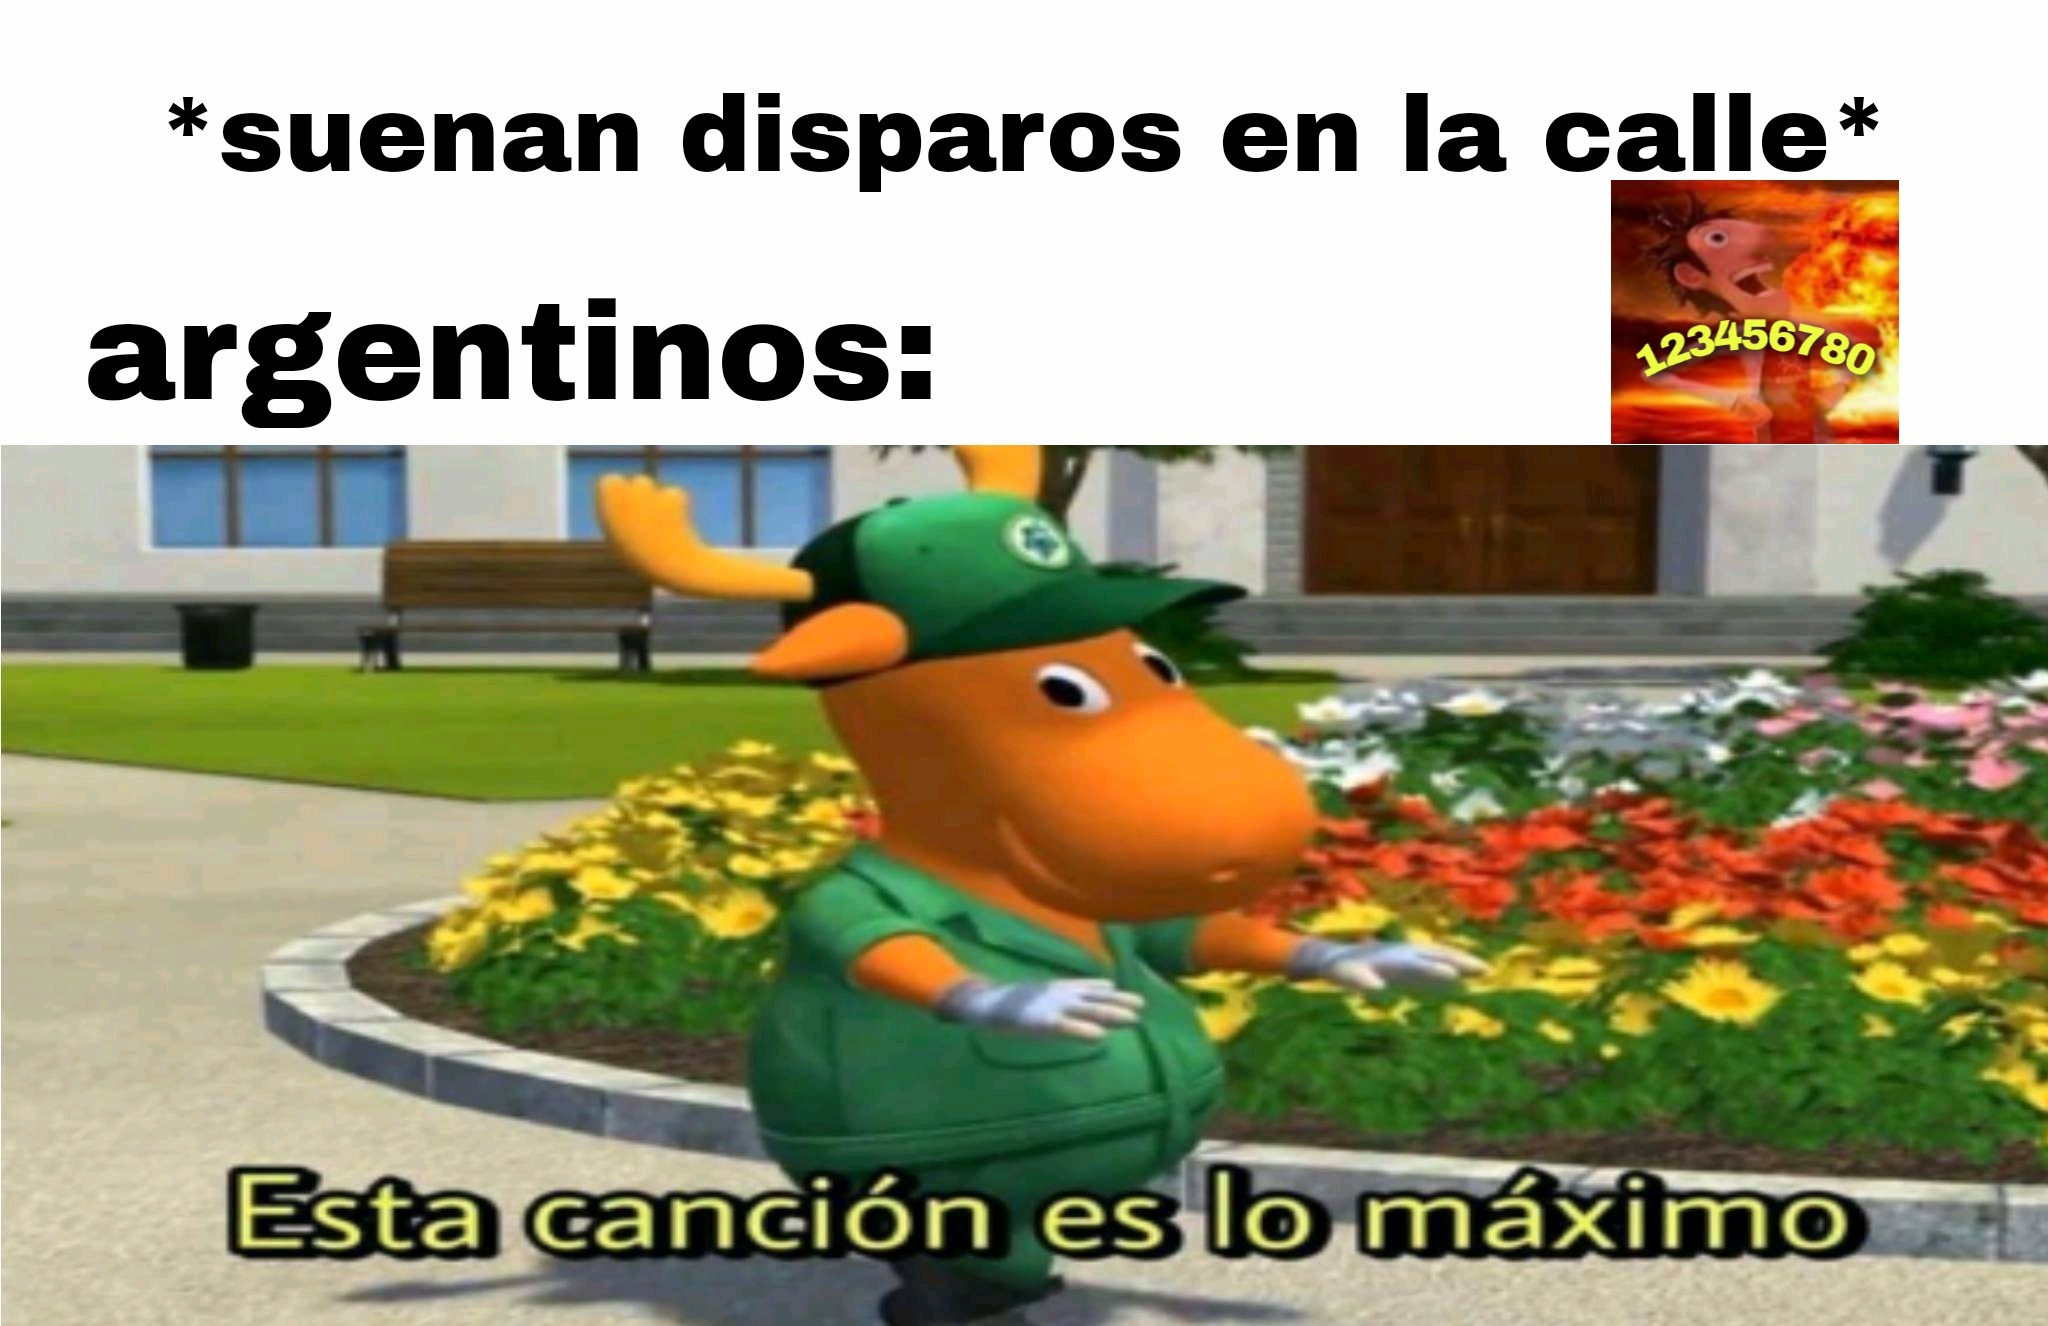 Buenarda la cancion - meme